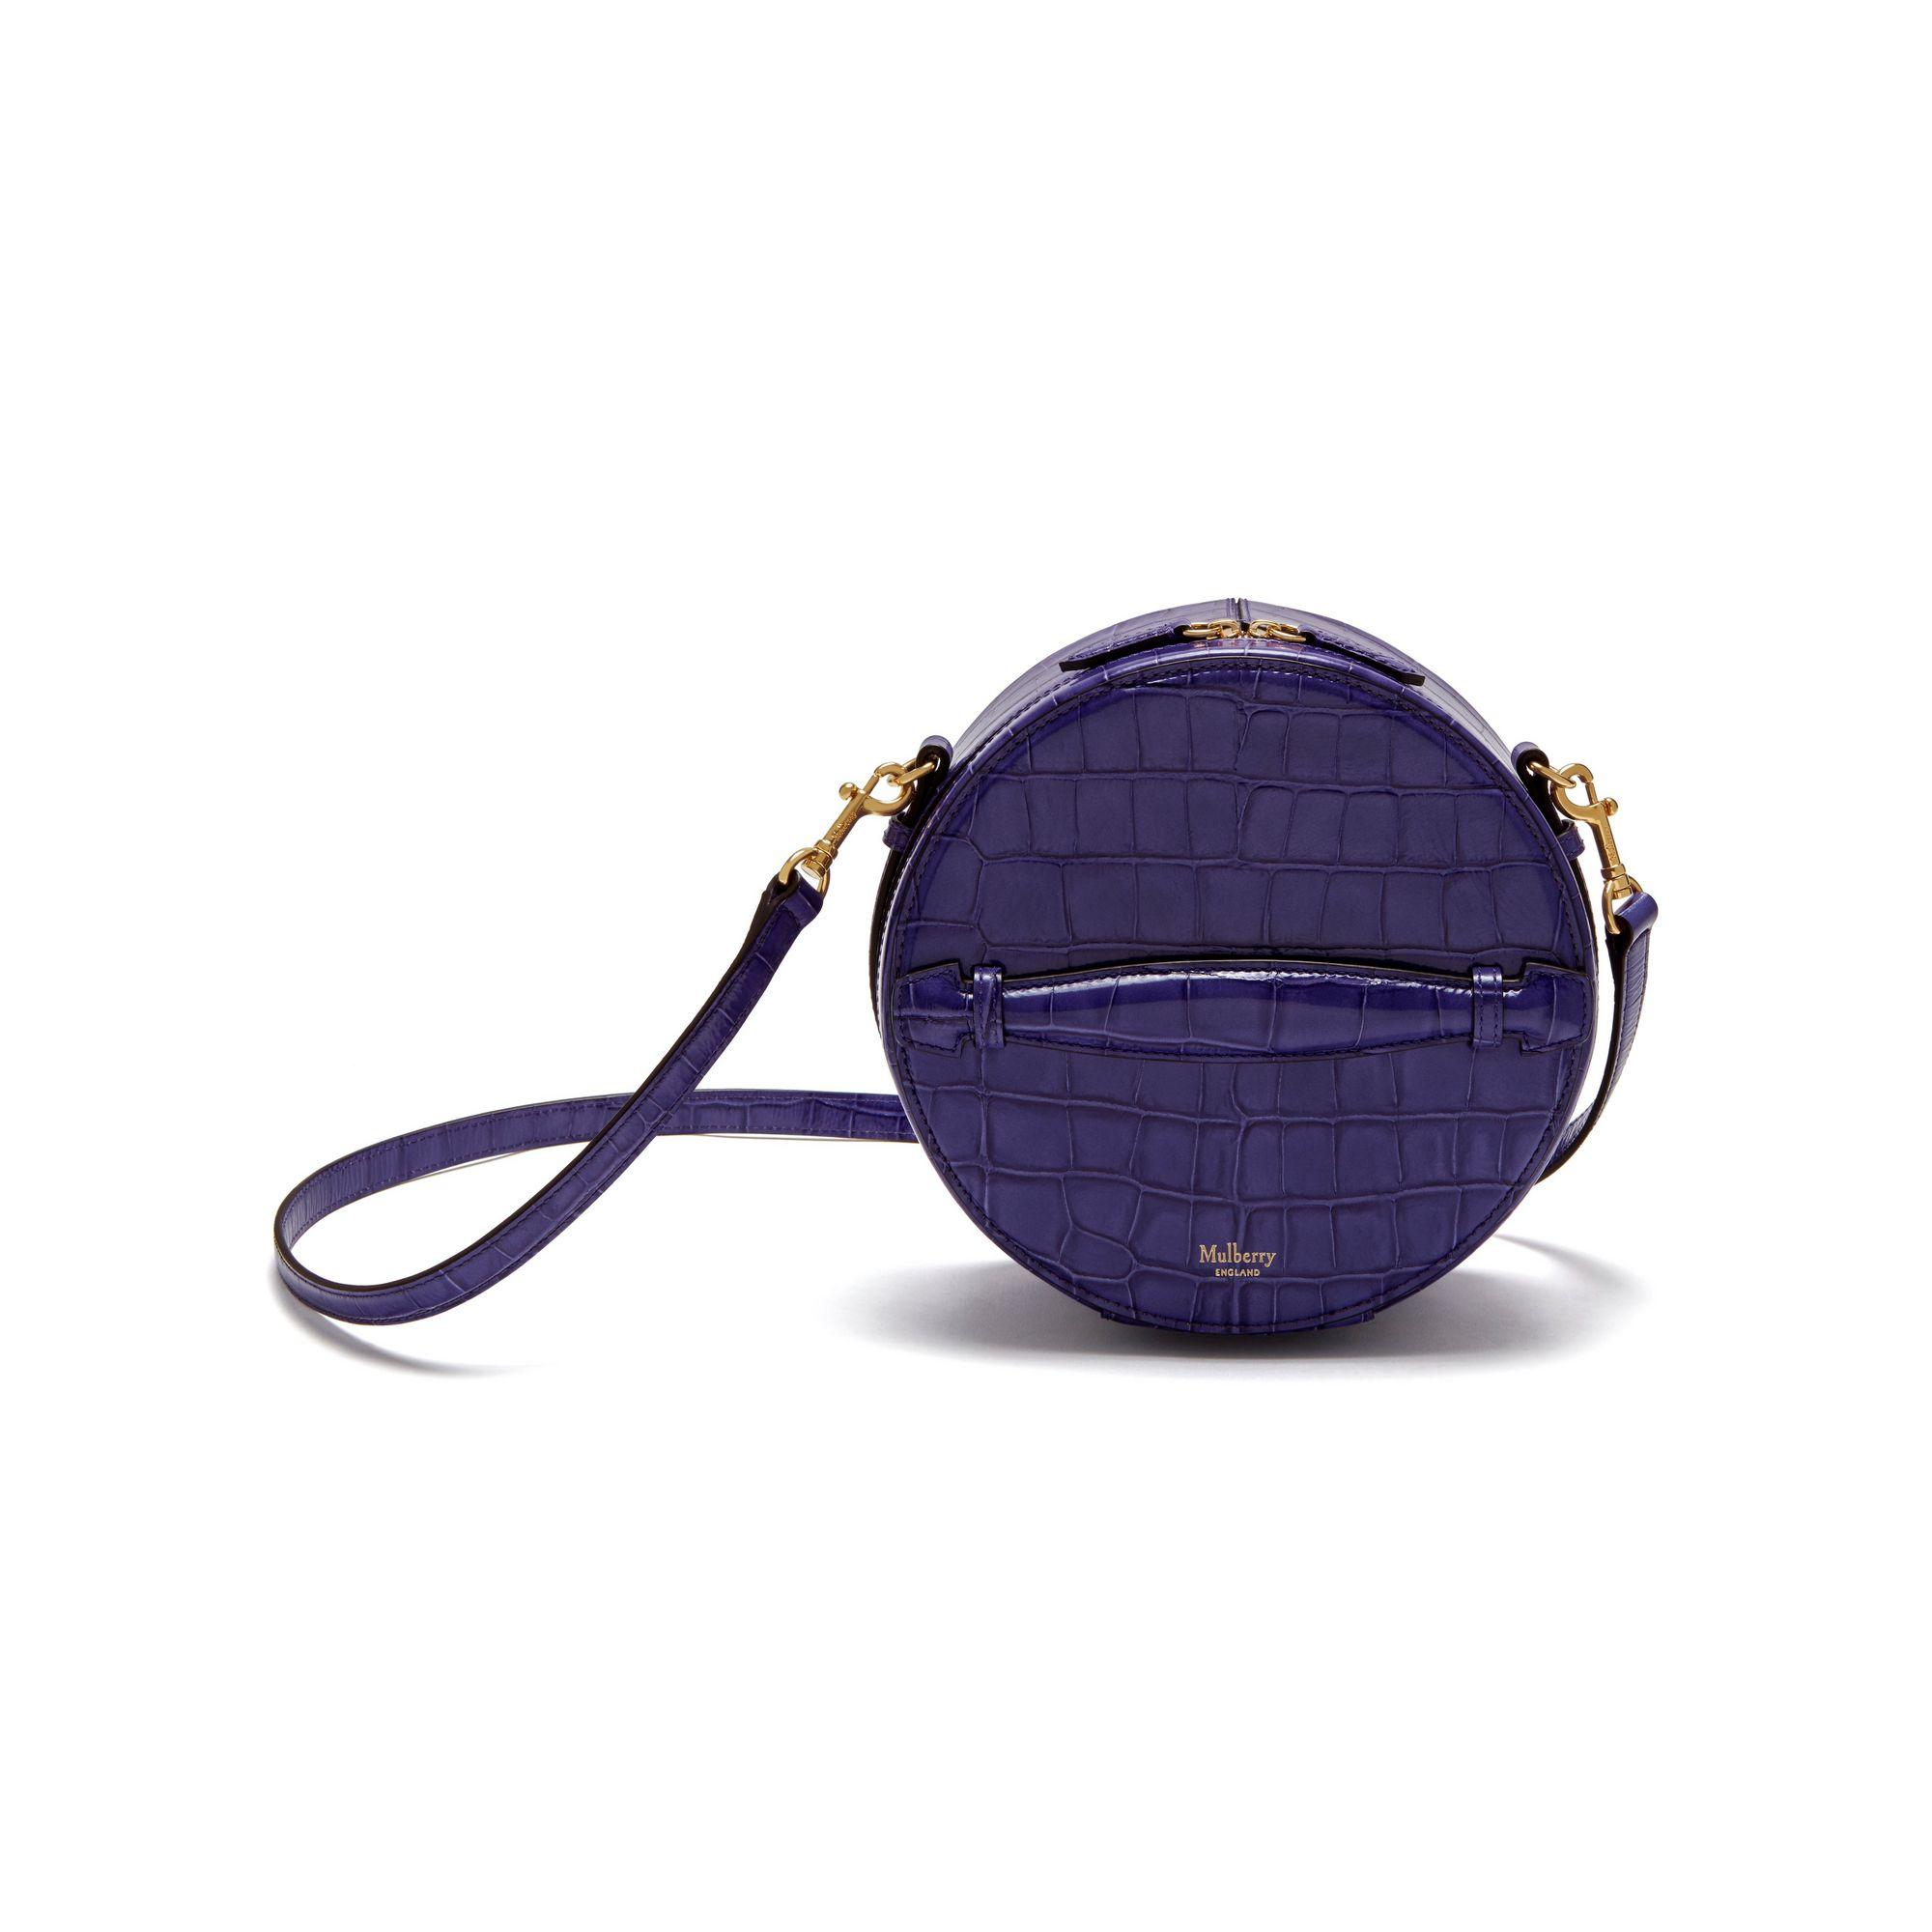 [해외직구] Mulberry 멀버리 트렁크 써클 숄더백 Trunk Bag : 듀블랑파리 - 네이버쇼핑